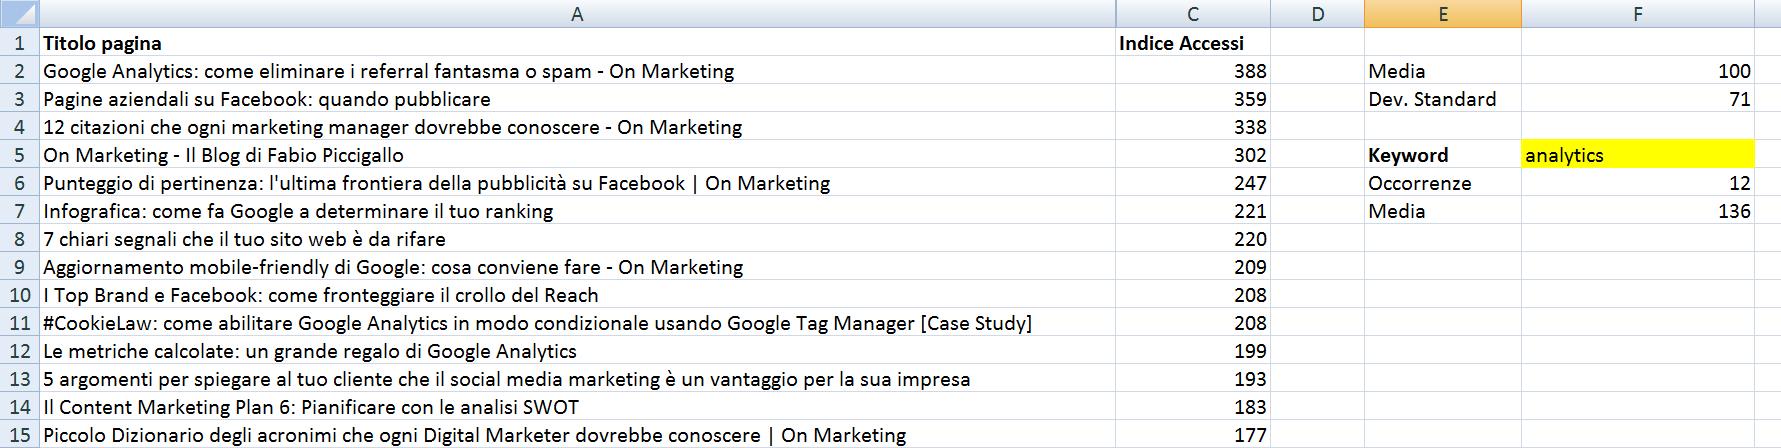 Blogging: l'analisi delle parole chiave nei titoli con Excel